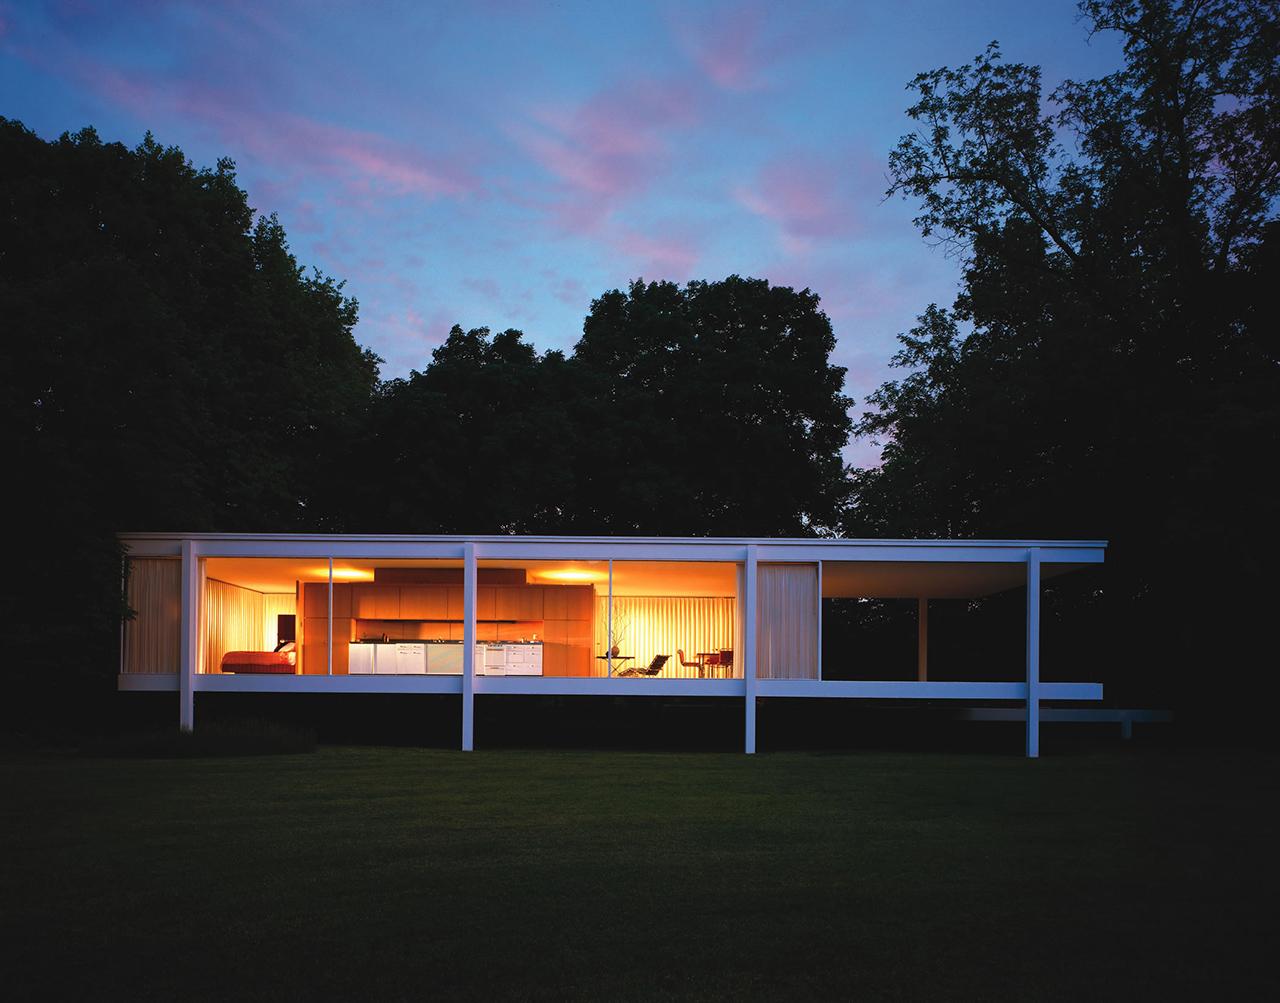 Plan para levantar la casa farnsworth por encima de las for Casa minimalista de mies van der rohe